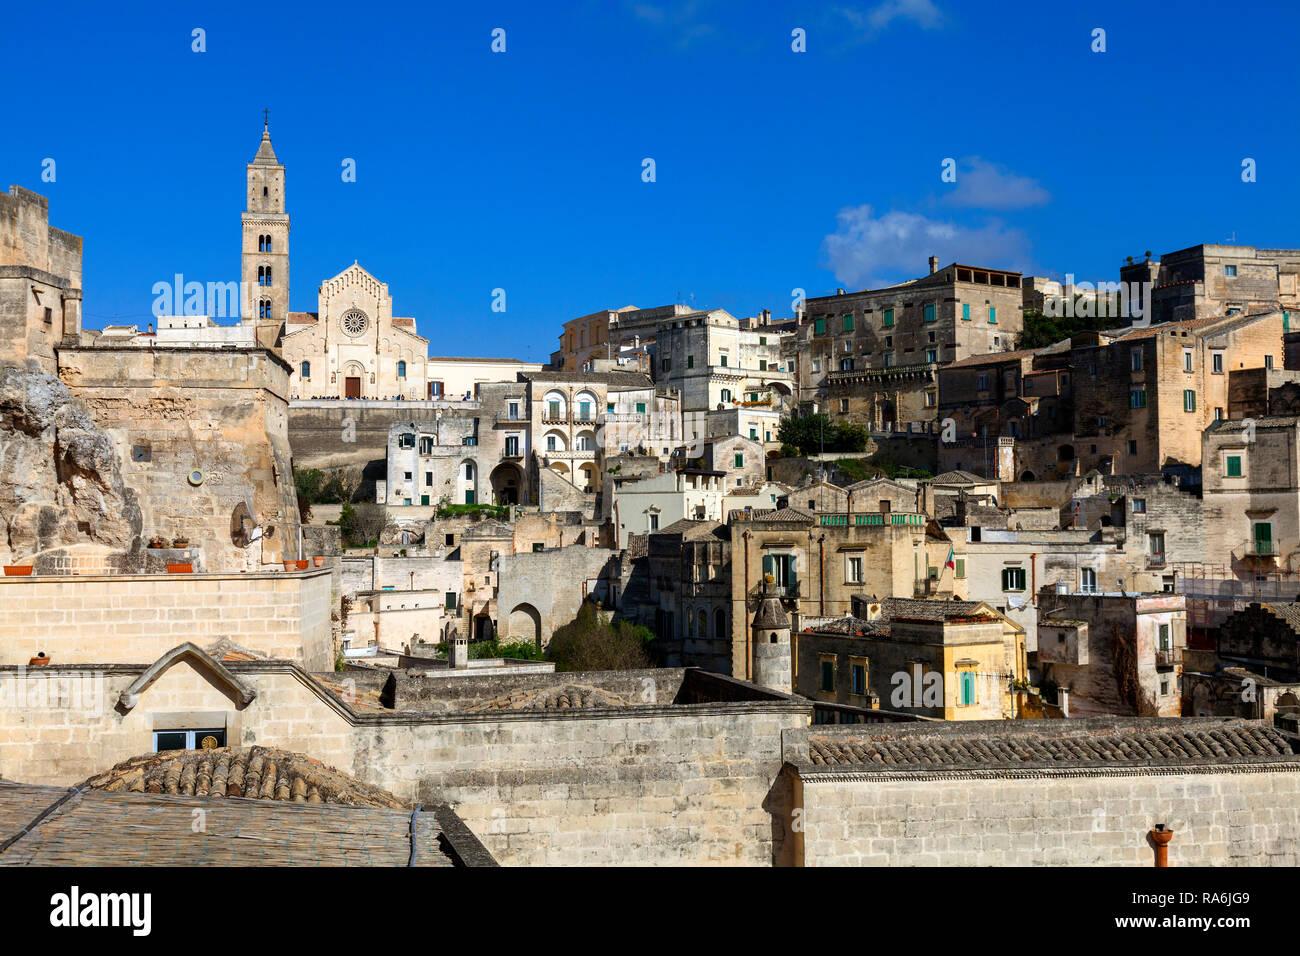 Mittelalterliche Altstadt, Sassi di Matera, Kulturhauptstadt 2019, Matera, Basilikata, Italien Stockbild